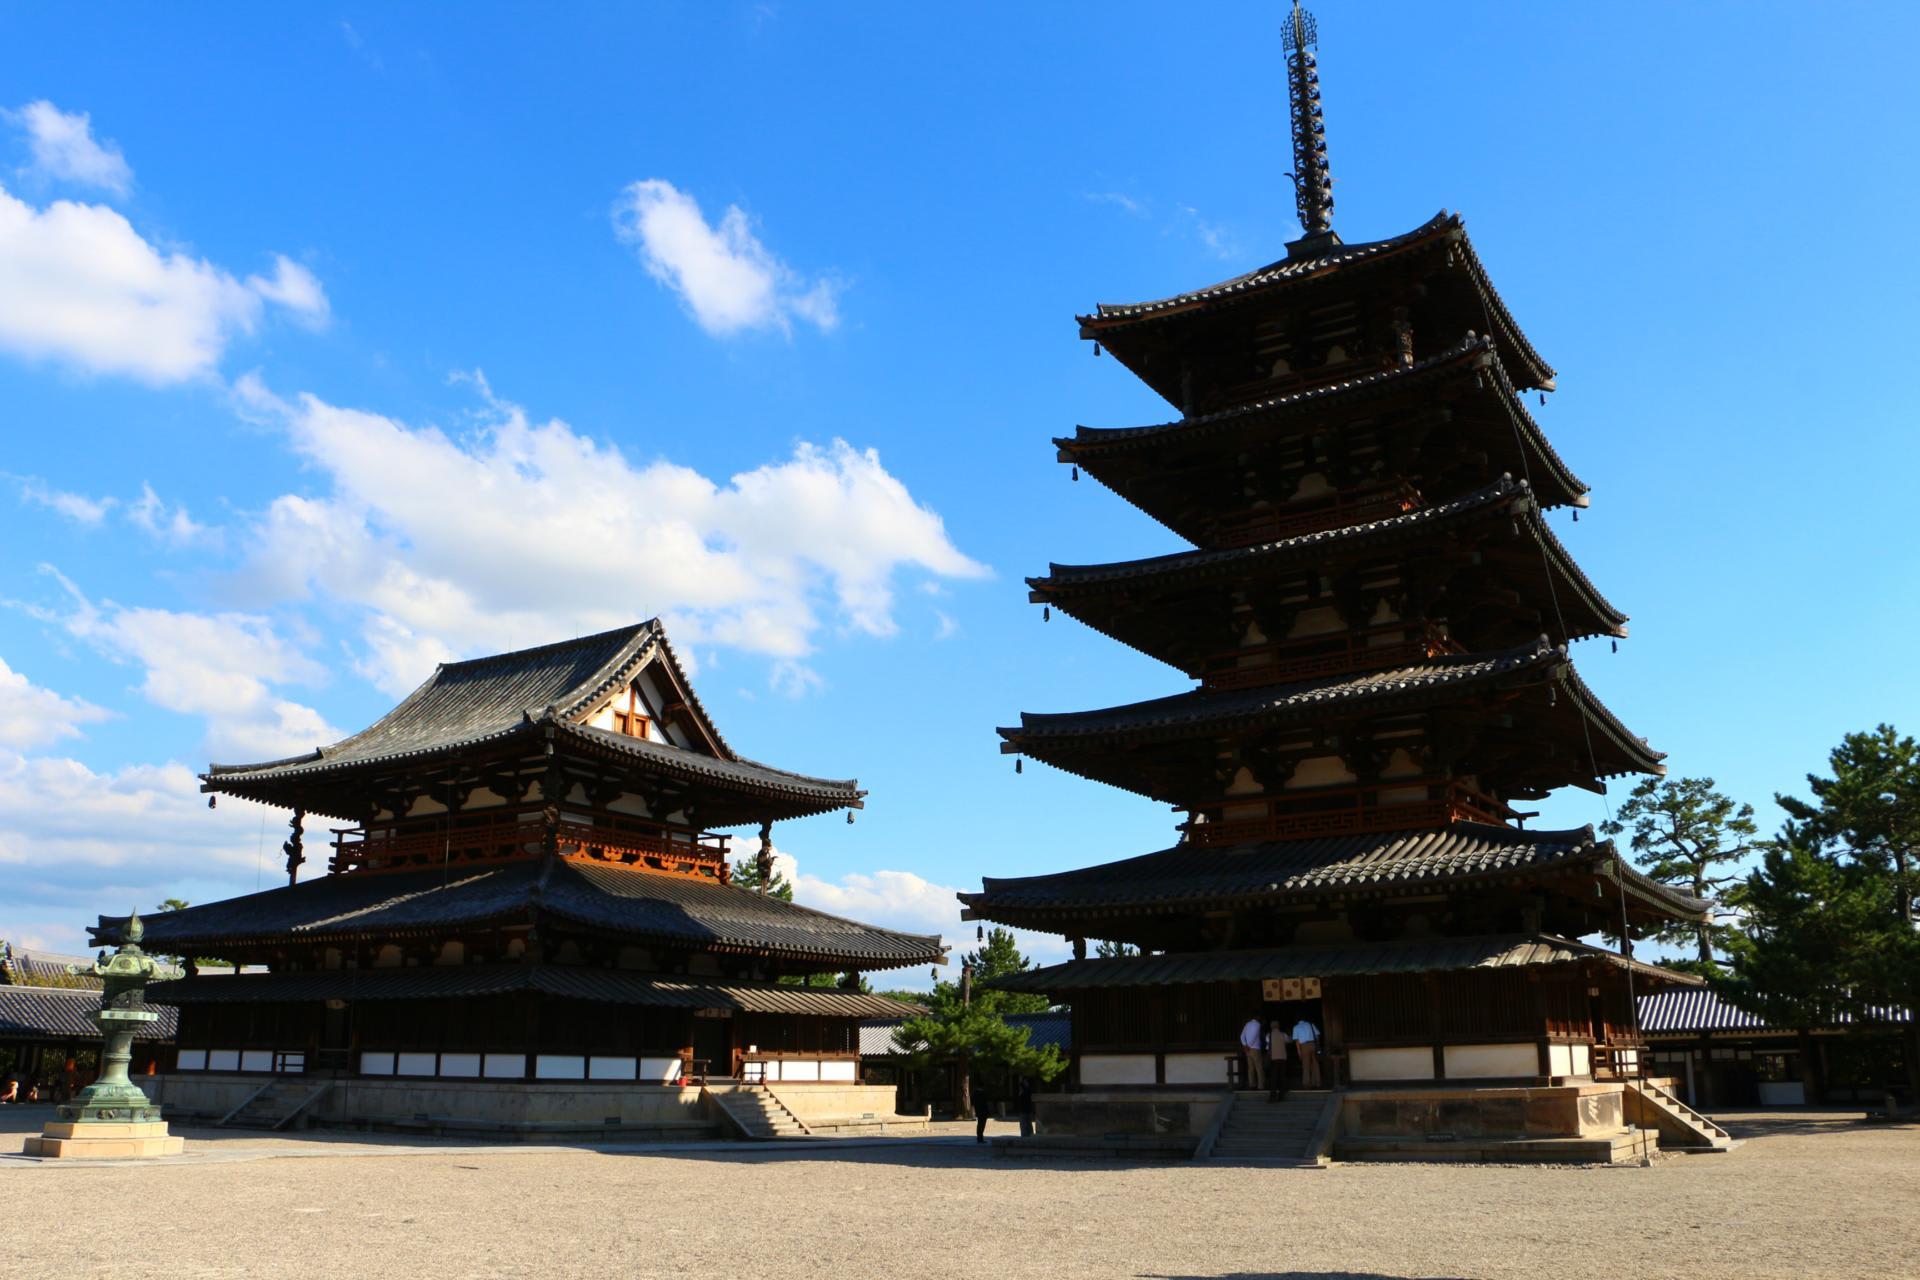 奈良 斑鳩の里 法隆寺をぶらぶら - 亀の子たわしの街ブラ大好き!